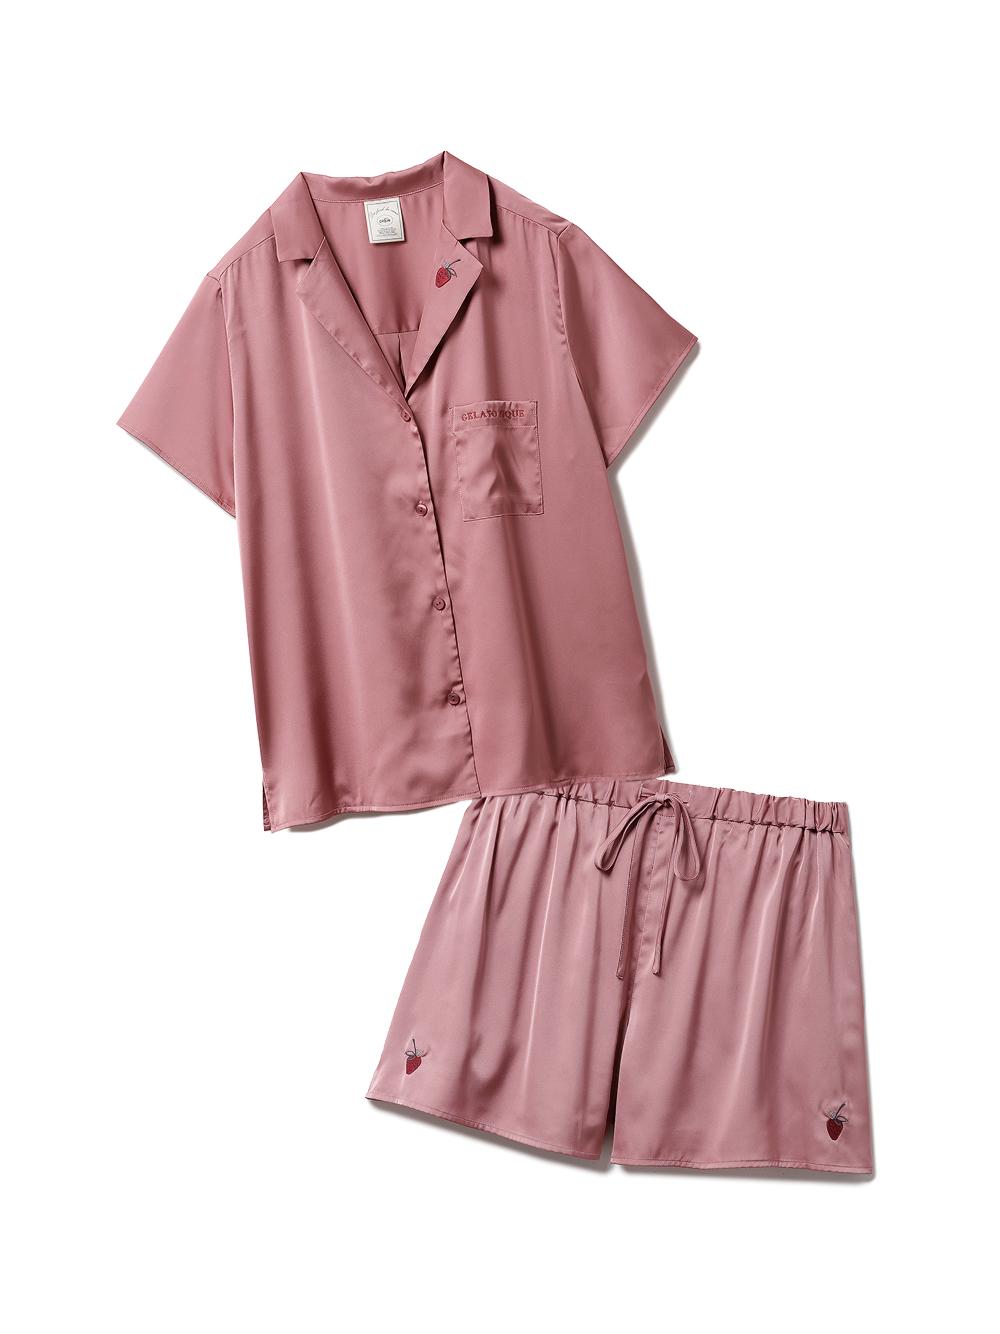 【ラッピング】ストロベリー刺繍サテンシャツ&ショートパンツSET(PNK-F)